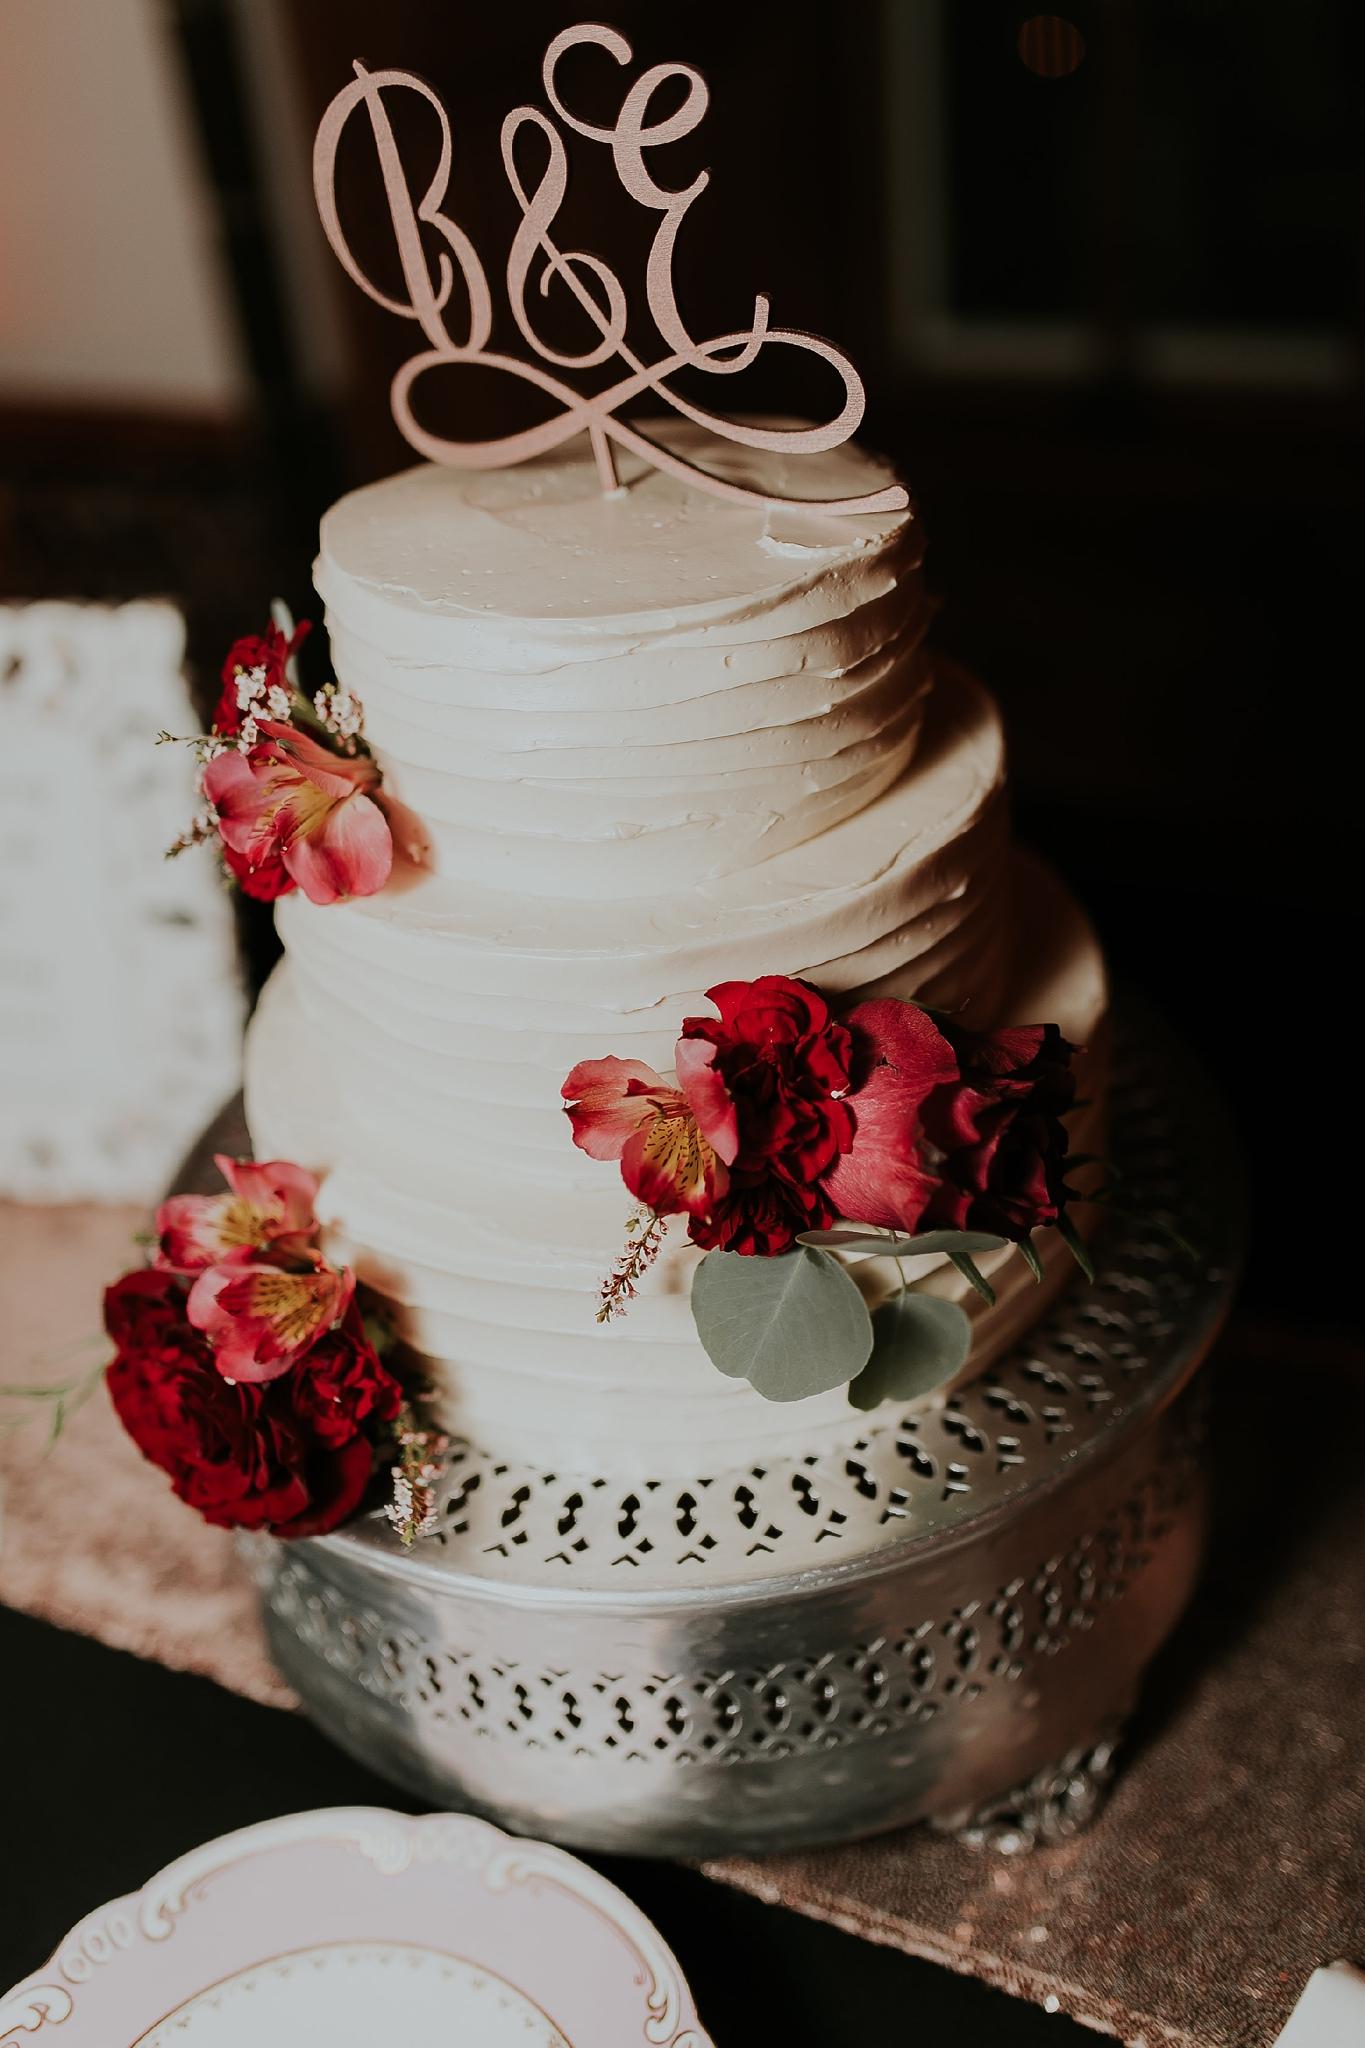 Alicia+lucia+photography+-+albuquerque+wedding+photographer+-+santa+fe+wedding+photography+-+new+mexico+wedding+photographer+-+new+mexico+wedding+-+new+mexico+florist+-+floriography+flowers+-+floriography+flowers+new+mexico+-+wedding+florist_0088.jpg